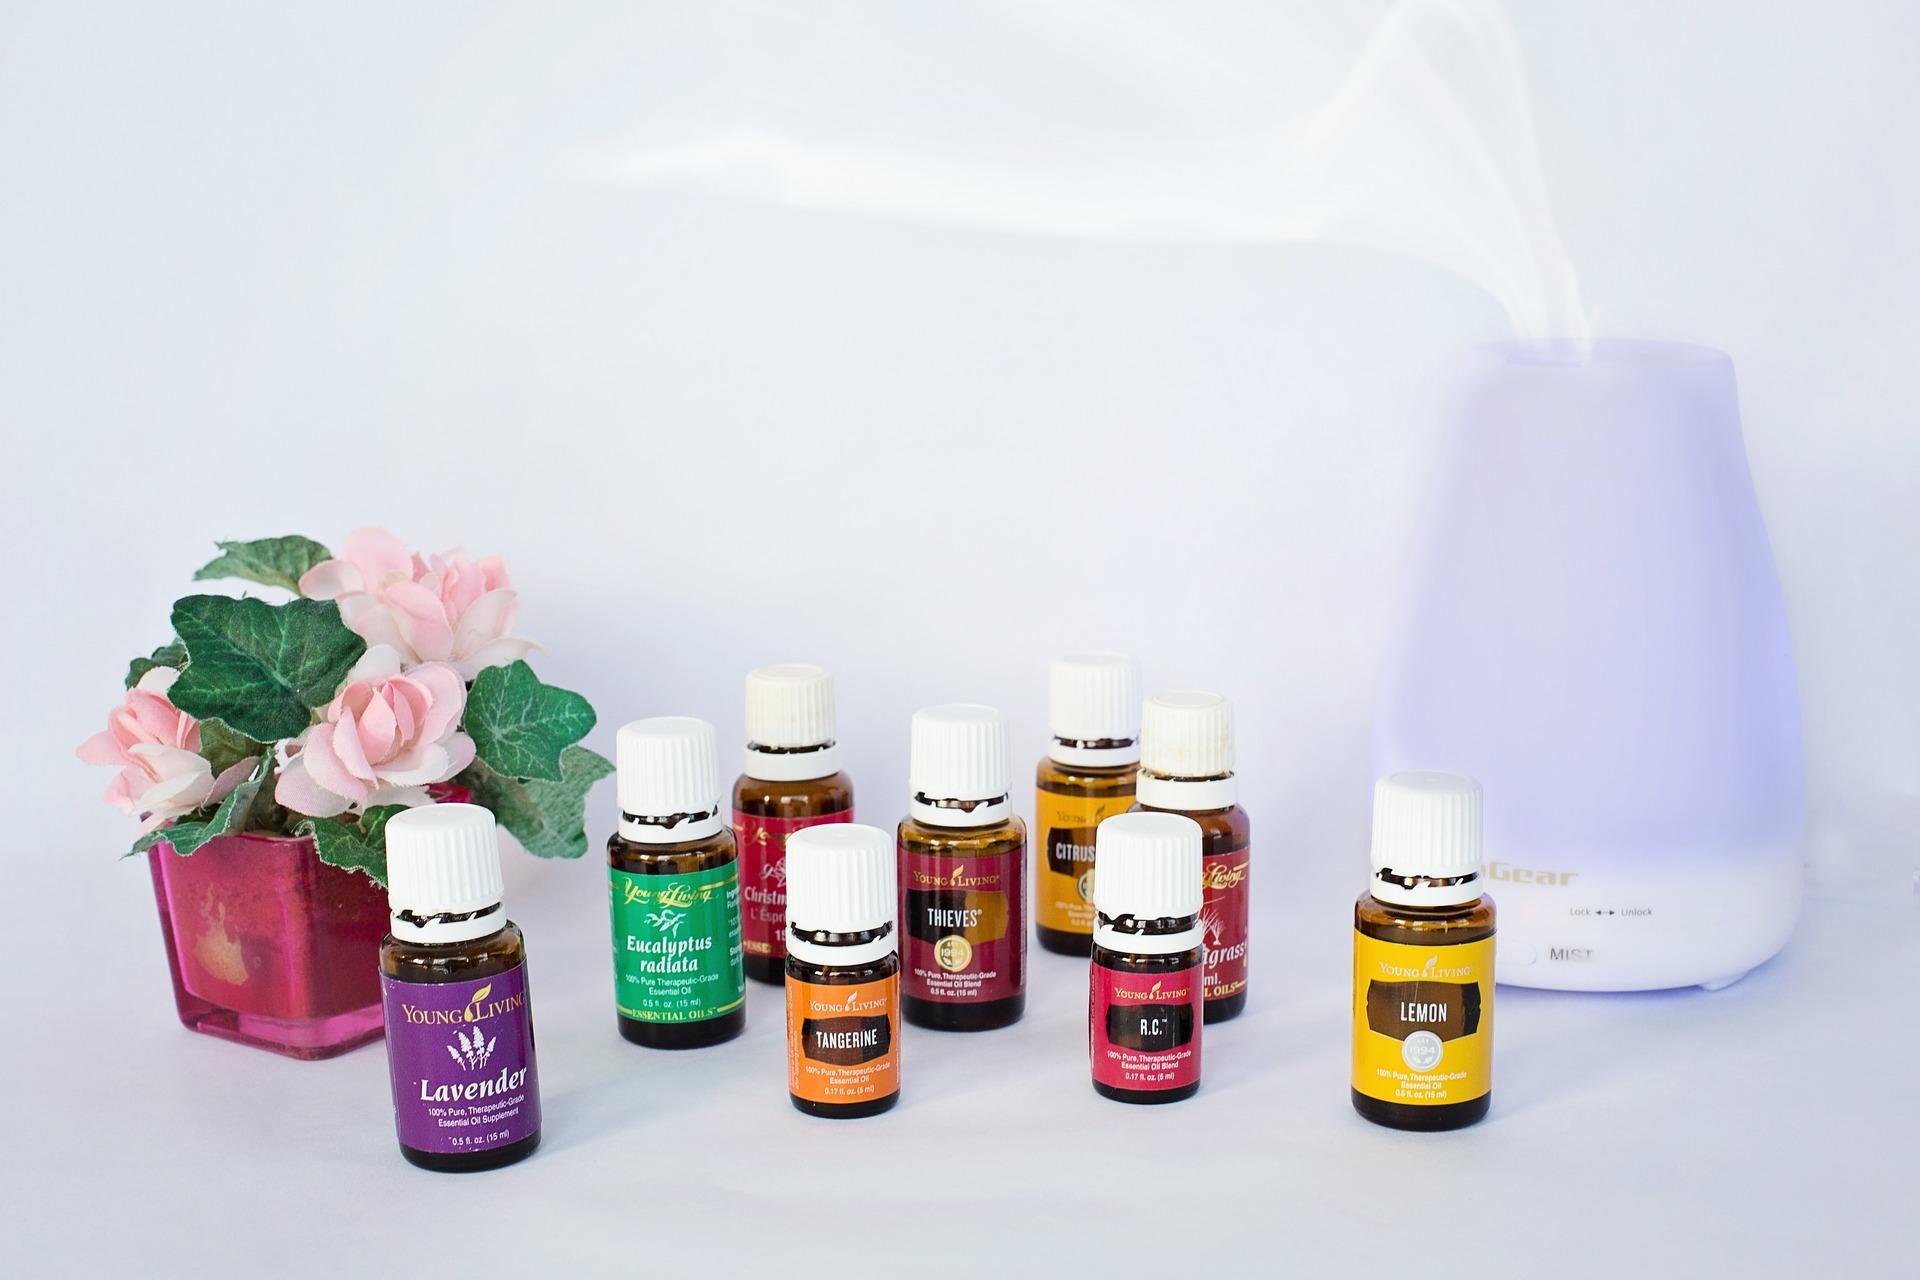 diffuser des huiles essentielles pour assainir l'air va charmer vos invités